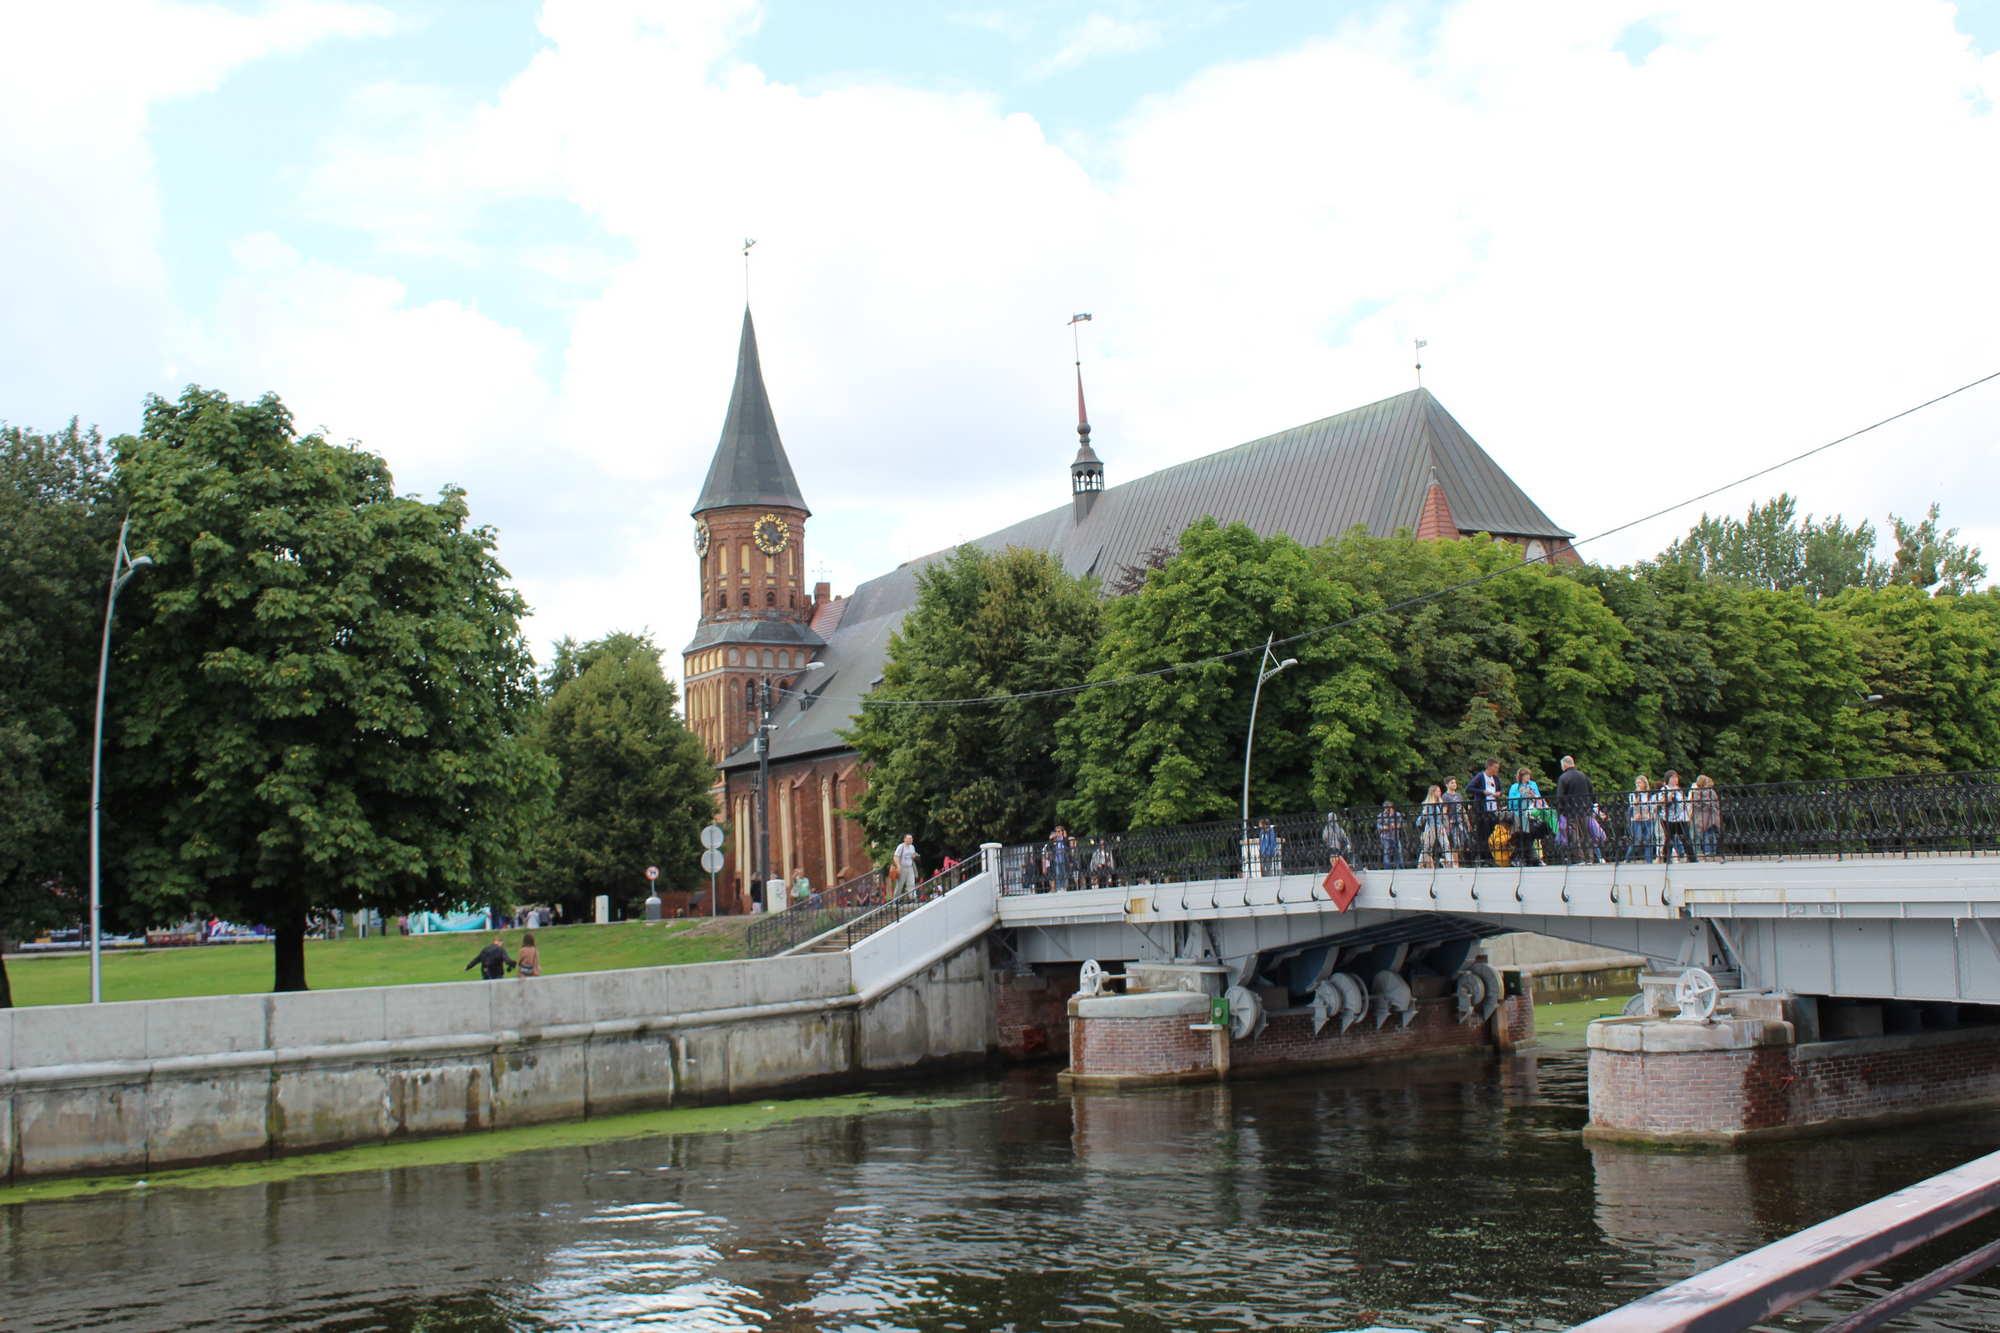 Кафедральный собор им. Иммануила Канта в Калининграде